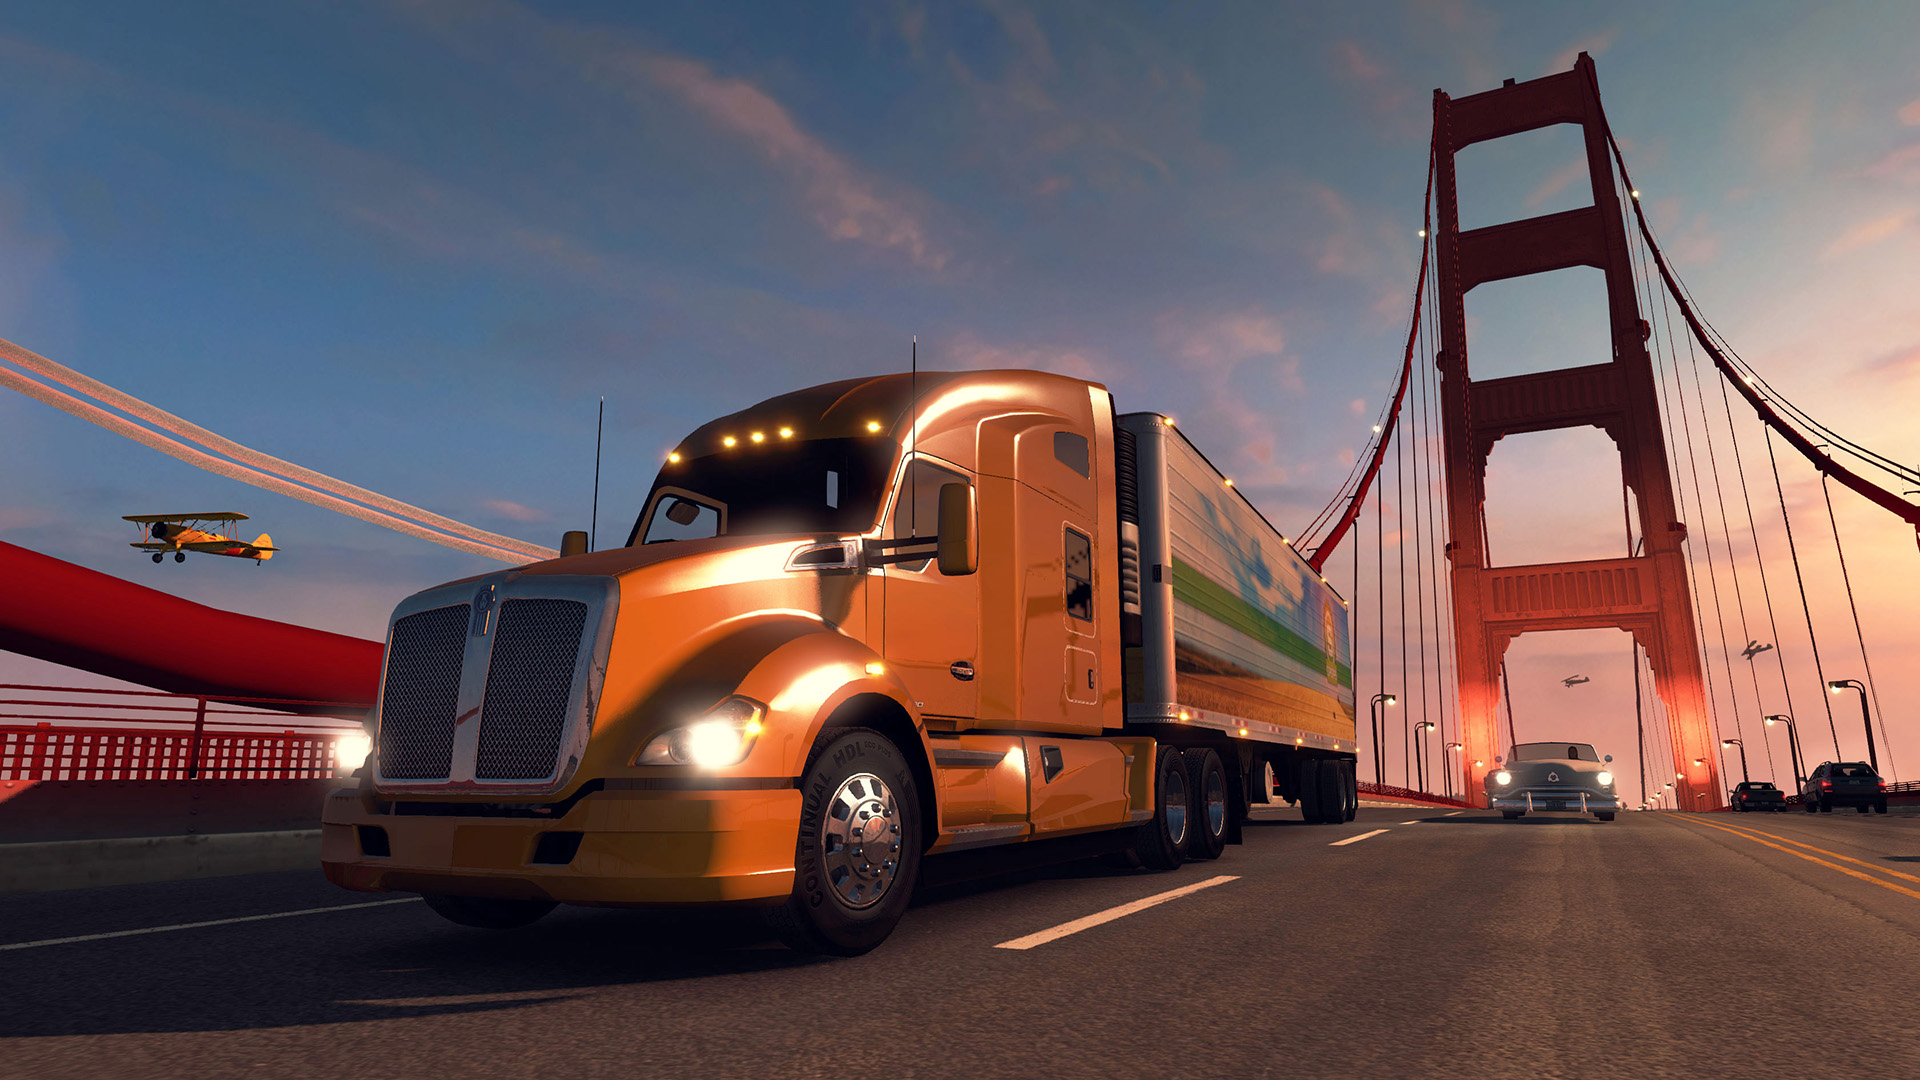 American Truck Simulator image 2